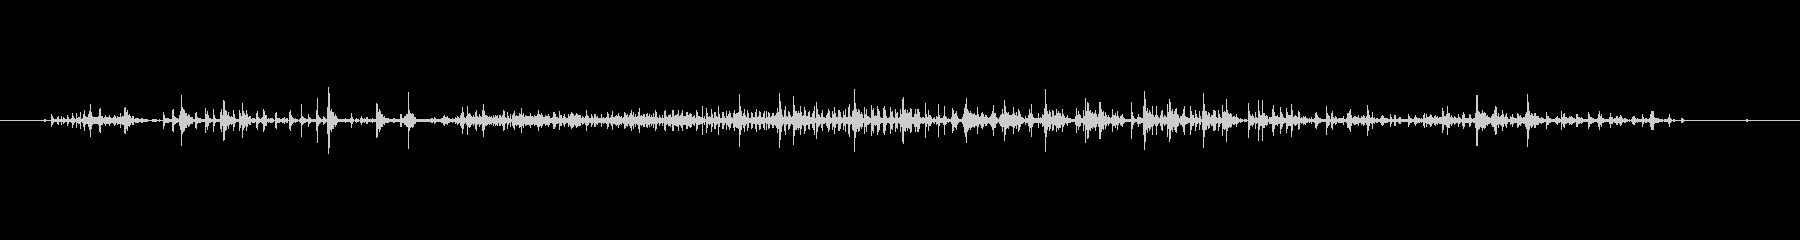 レザー クリークロングソフト05の未再生の波形